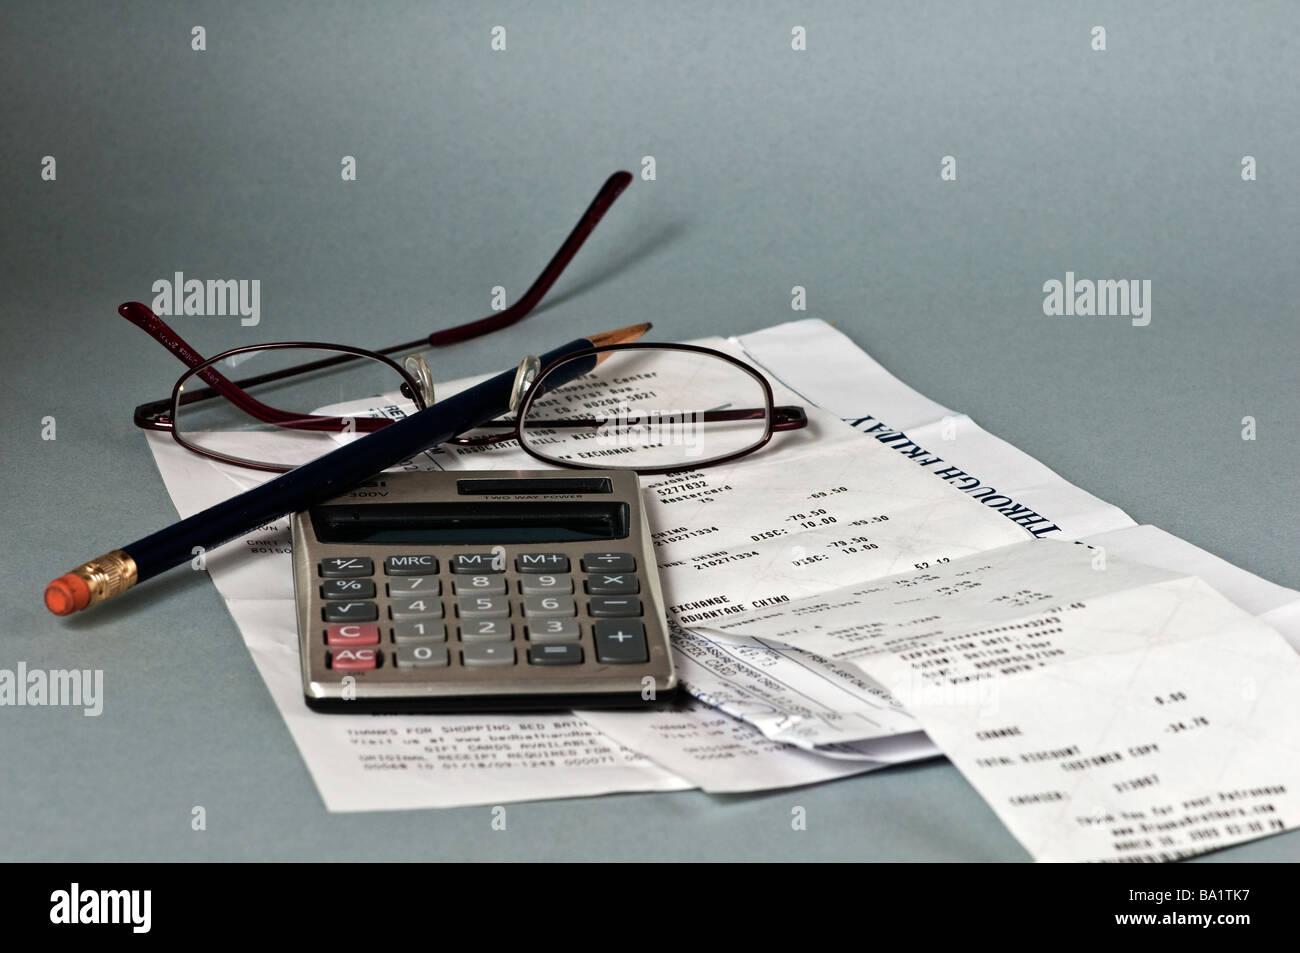 Calculatrice sur haut de reçus avec crayon et lunettes de lecture Photo Stock